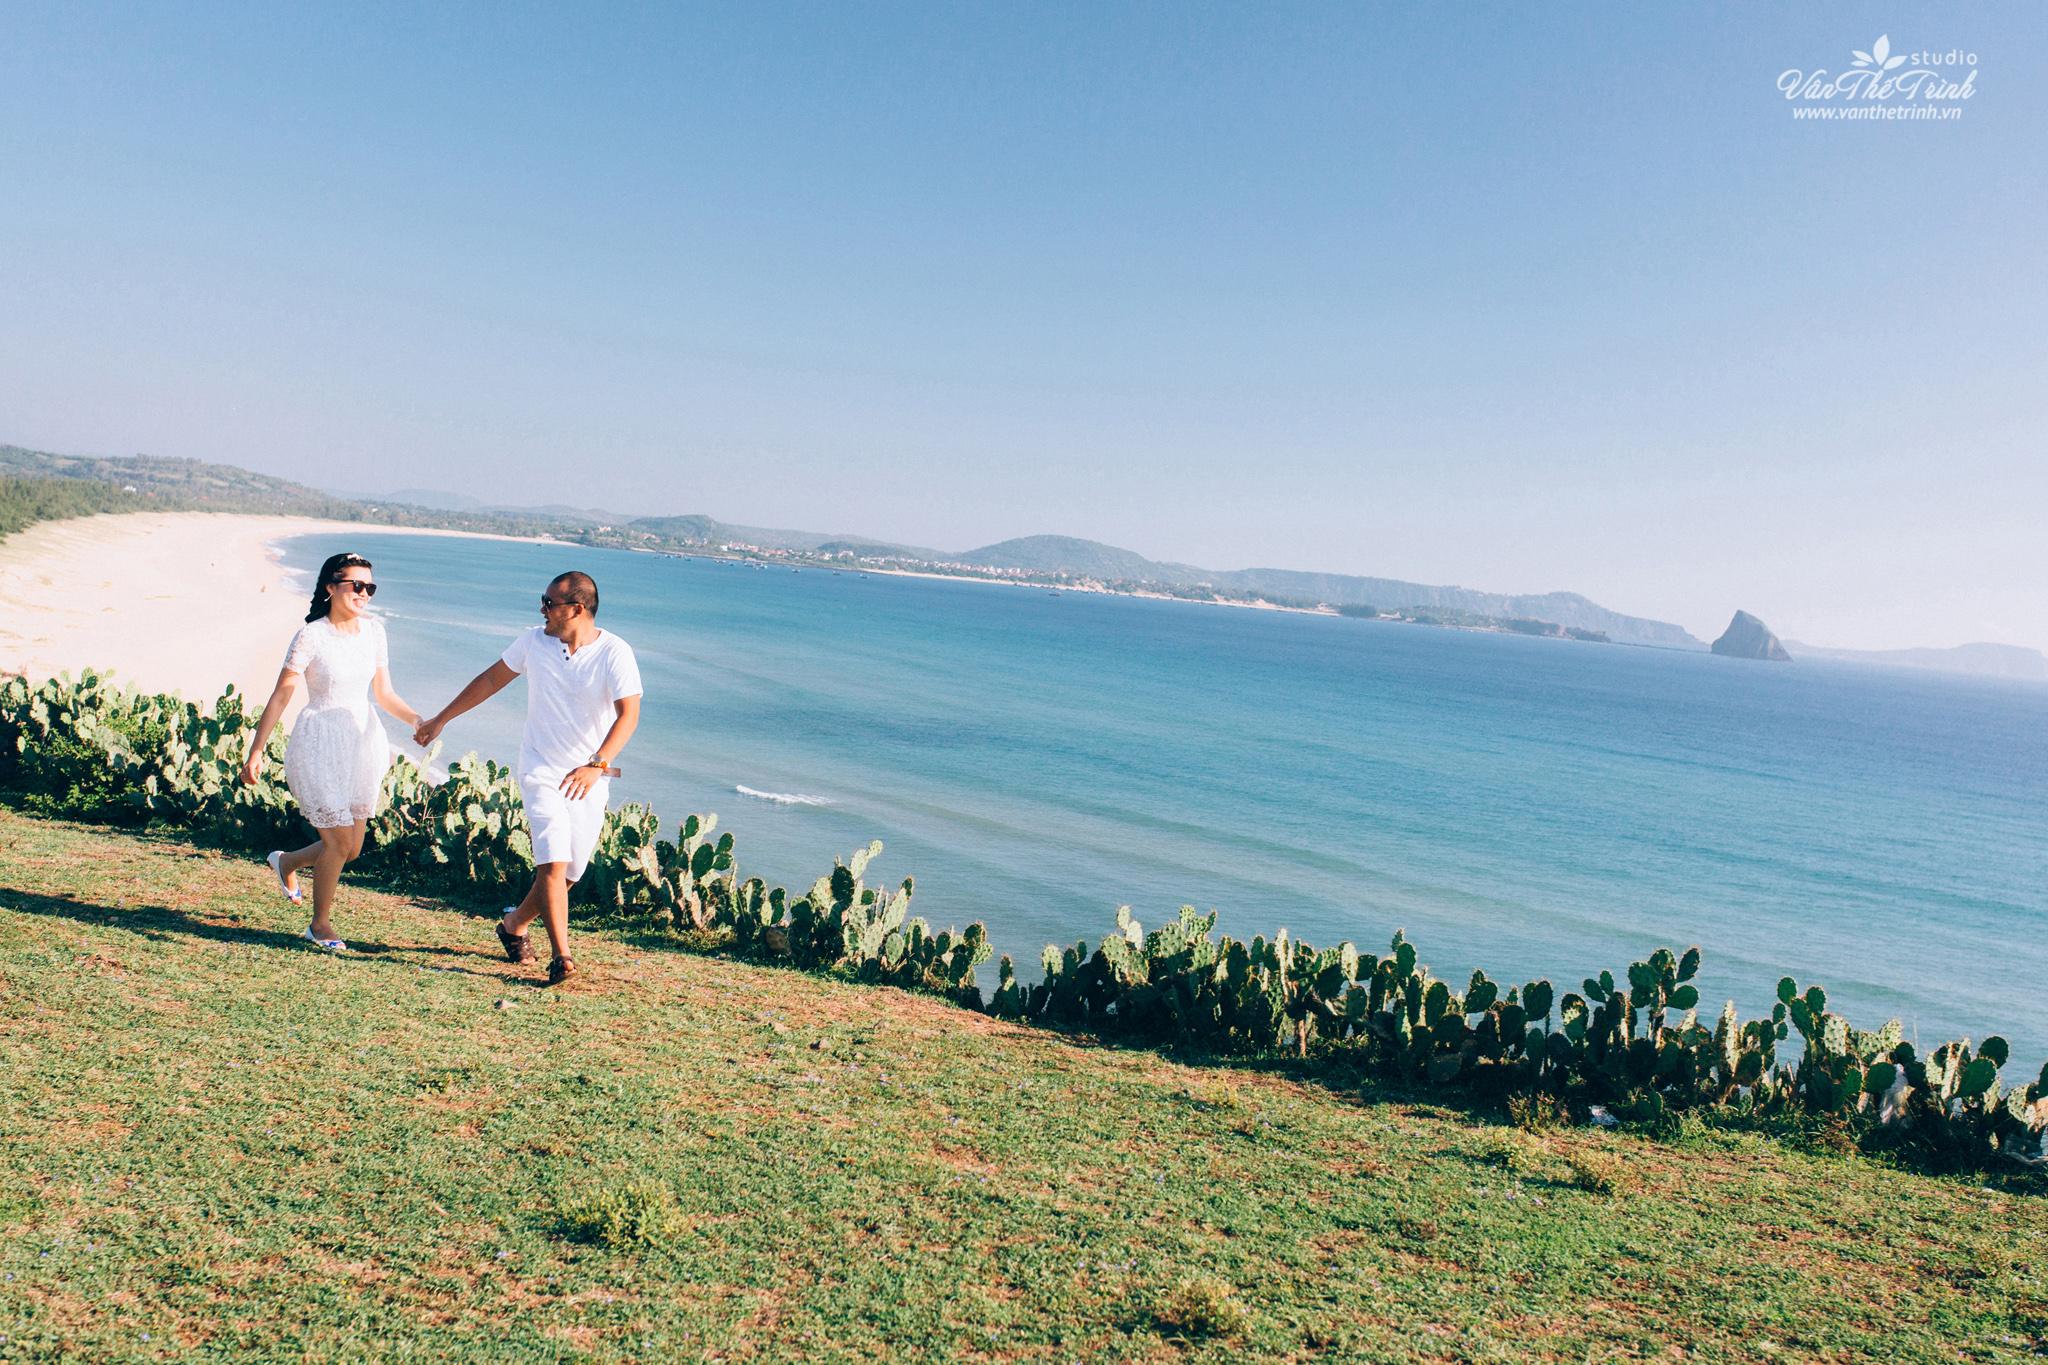 Đây là địa điểm check in, chụp ảnh cưới lãng mạn cho các cặp tình nhân